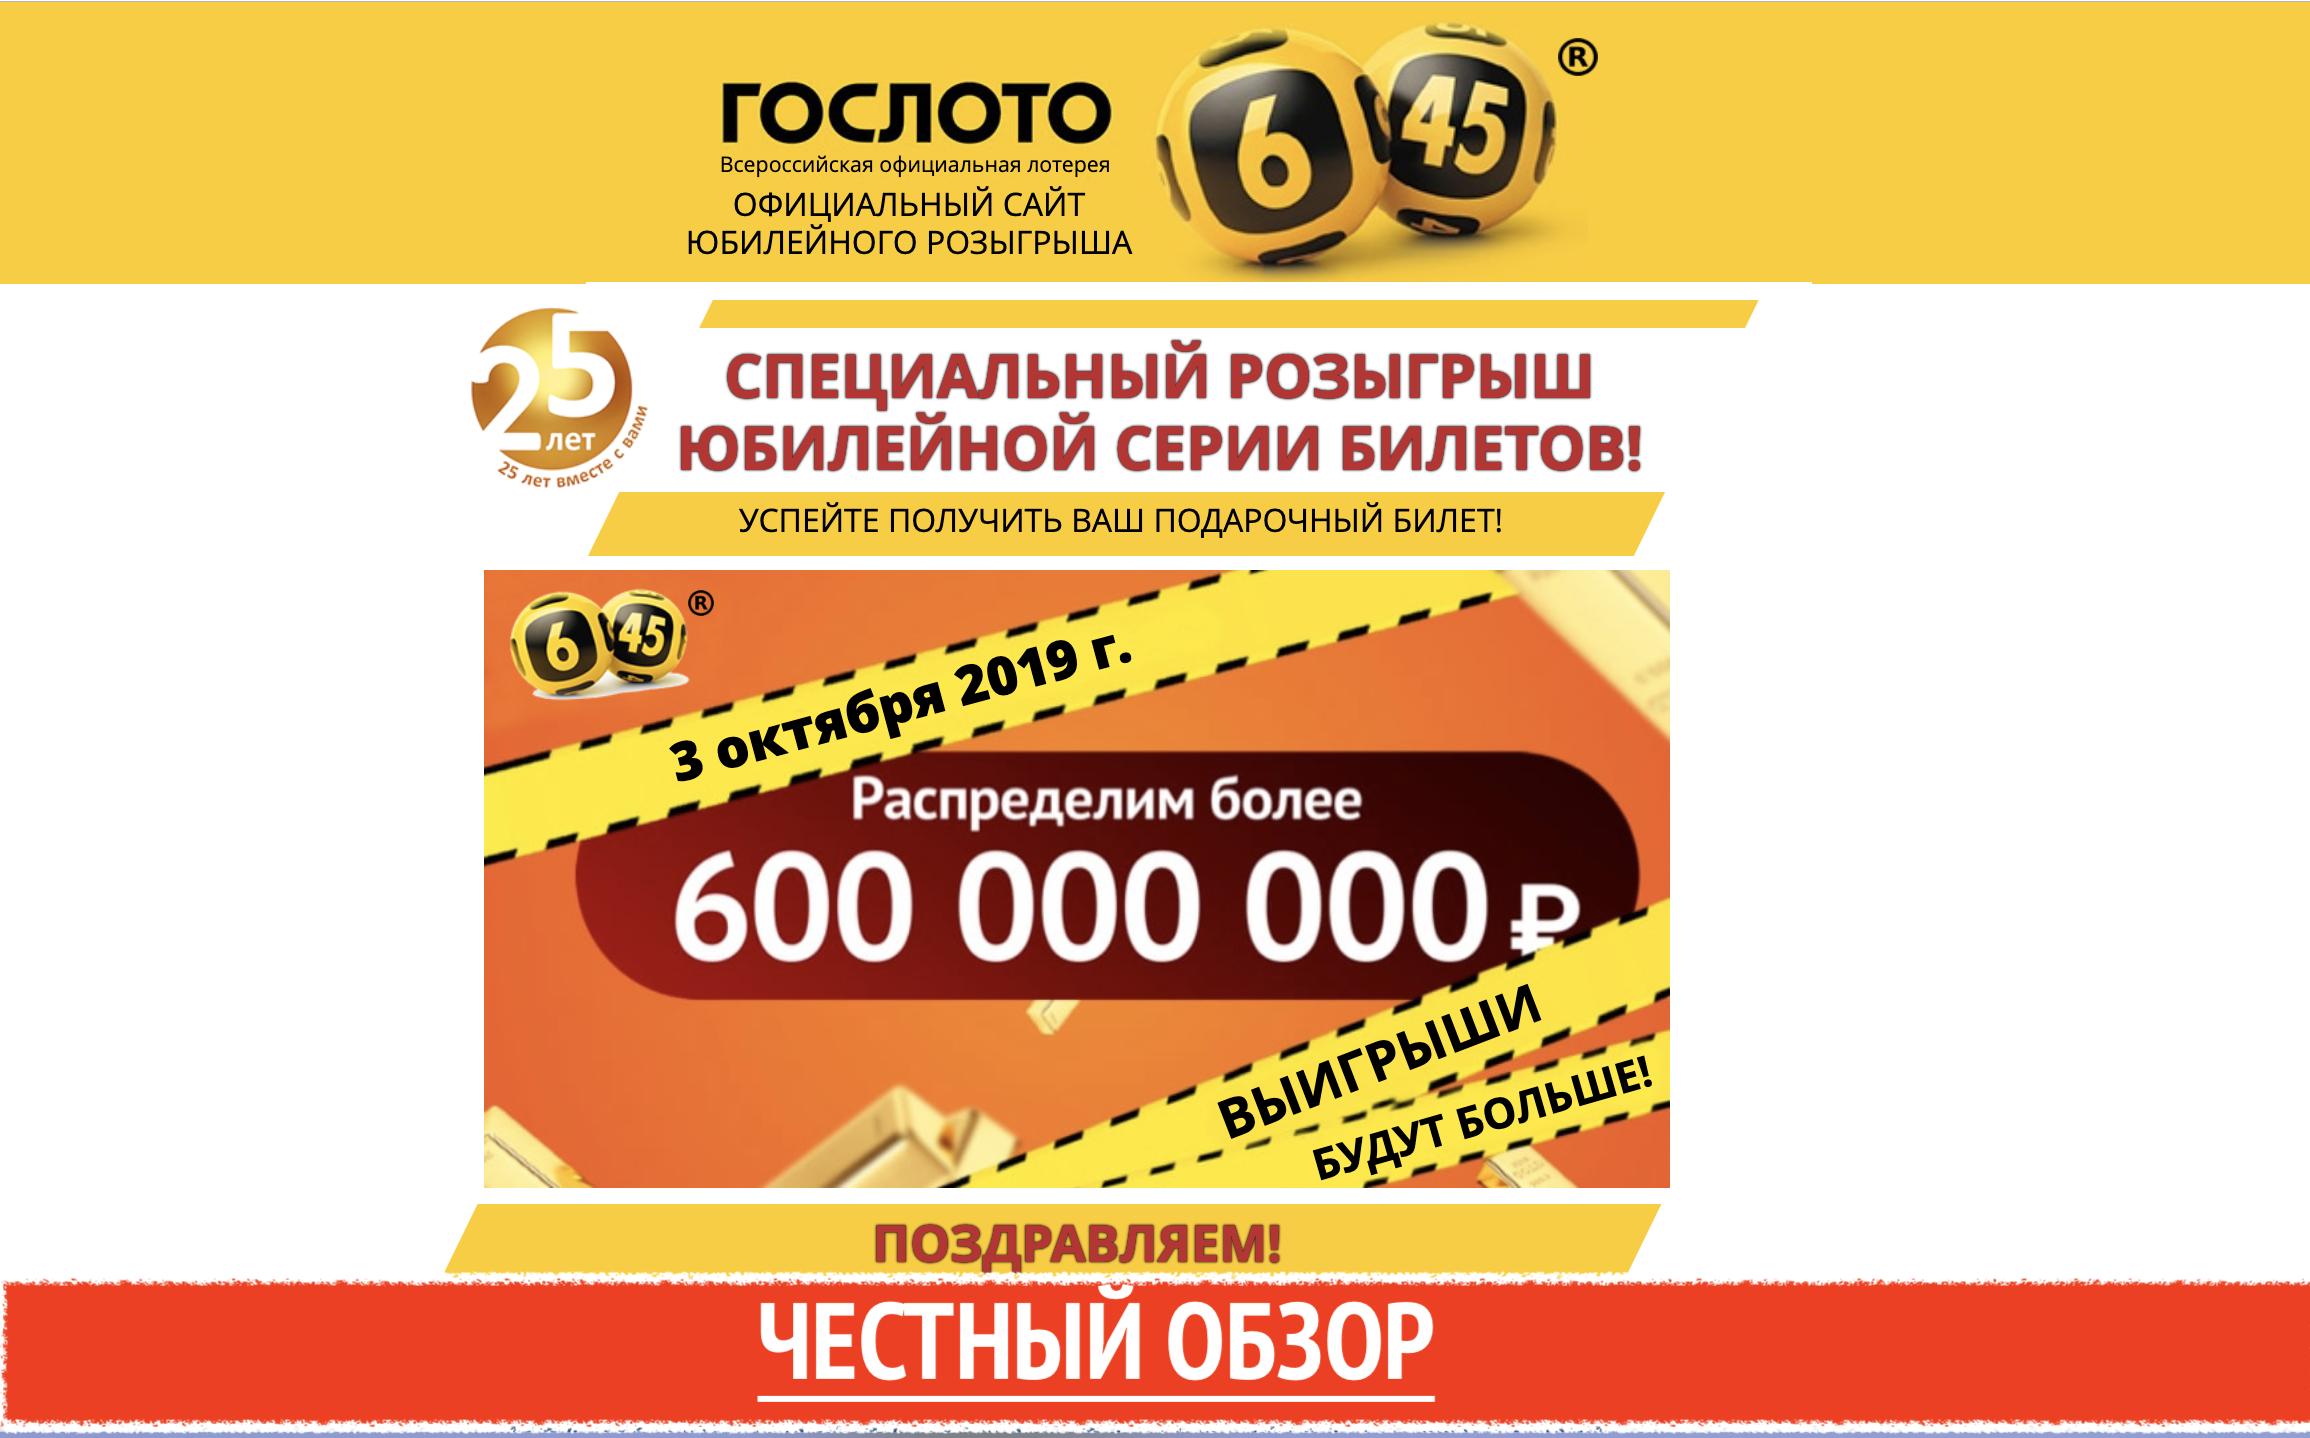 Австралийская лотерея oz lotto — правила + инструкция: как купить билет из россии